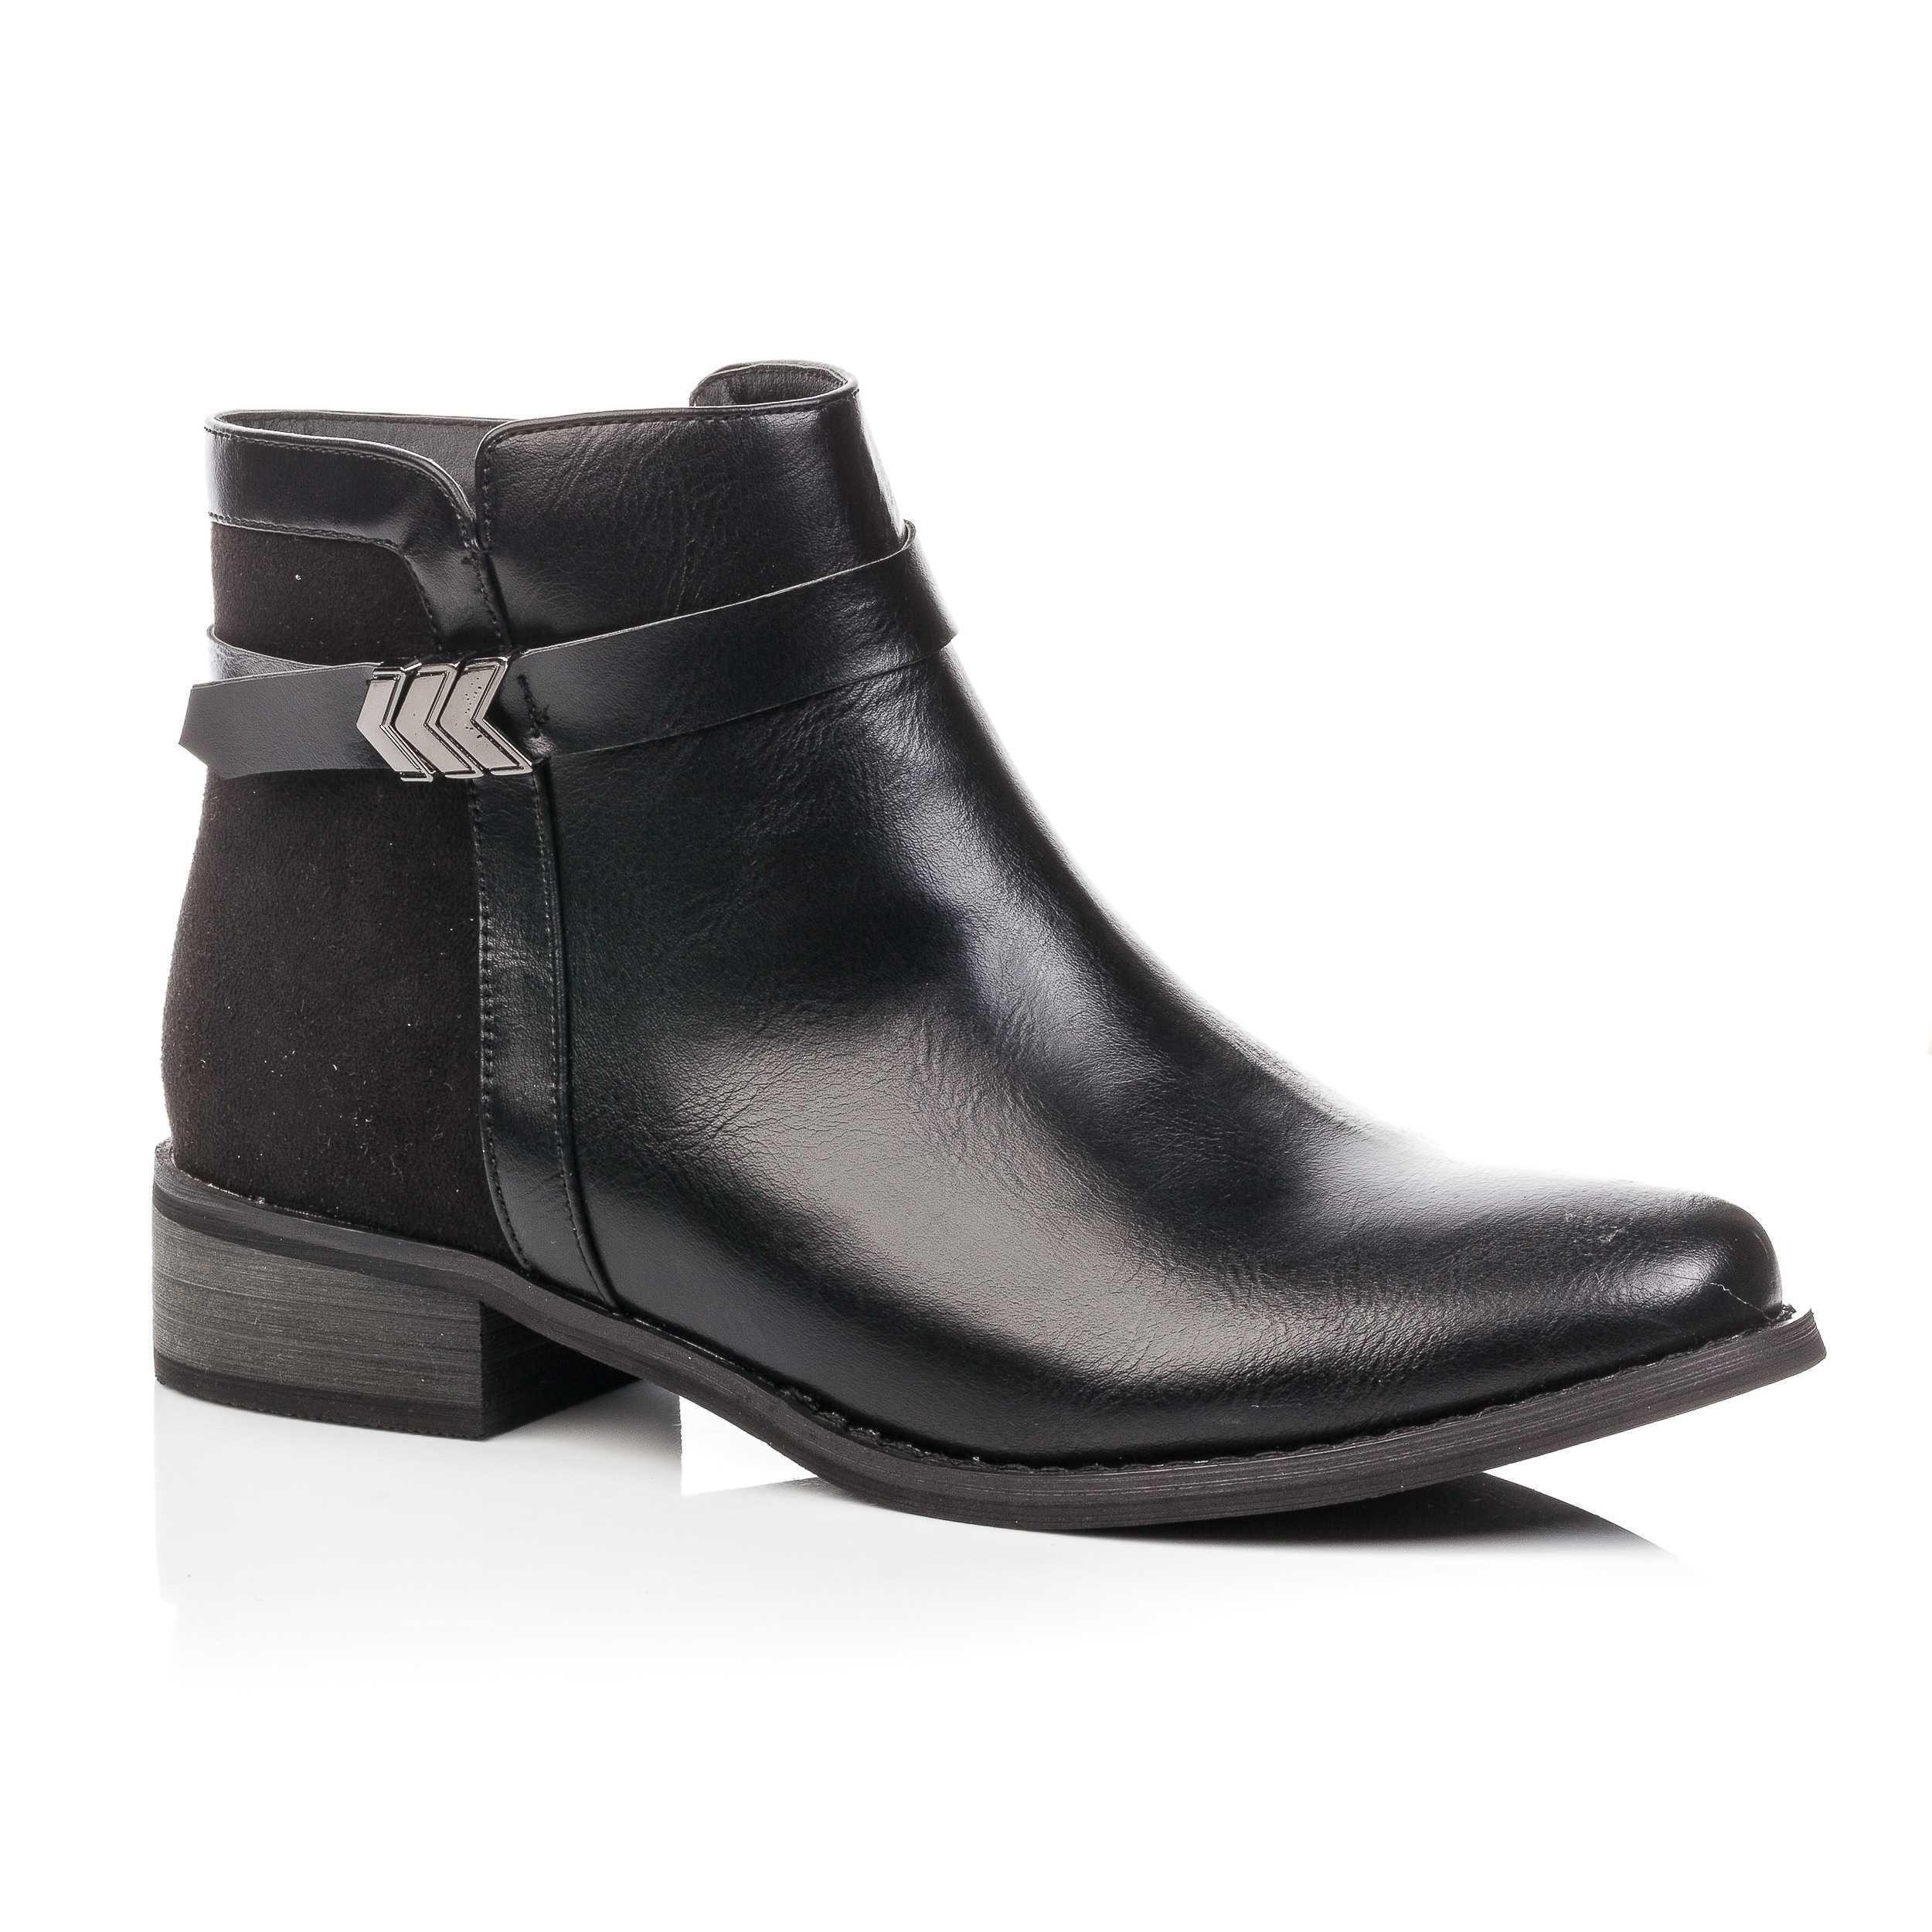 Propose Boots Femme Un Besson Noir Chaussures Très Bottines qXq4Za